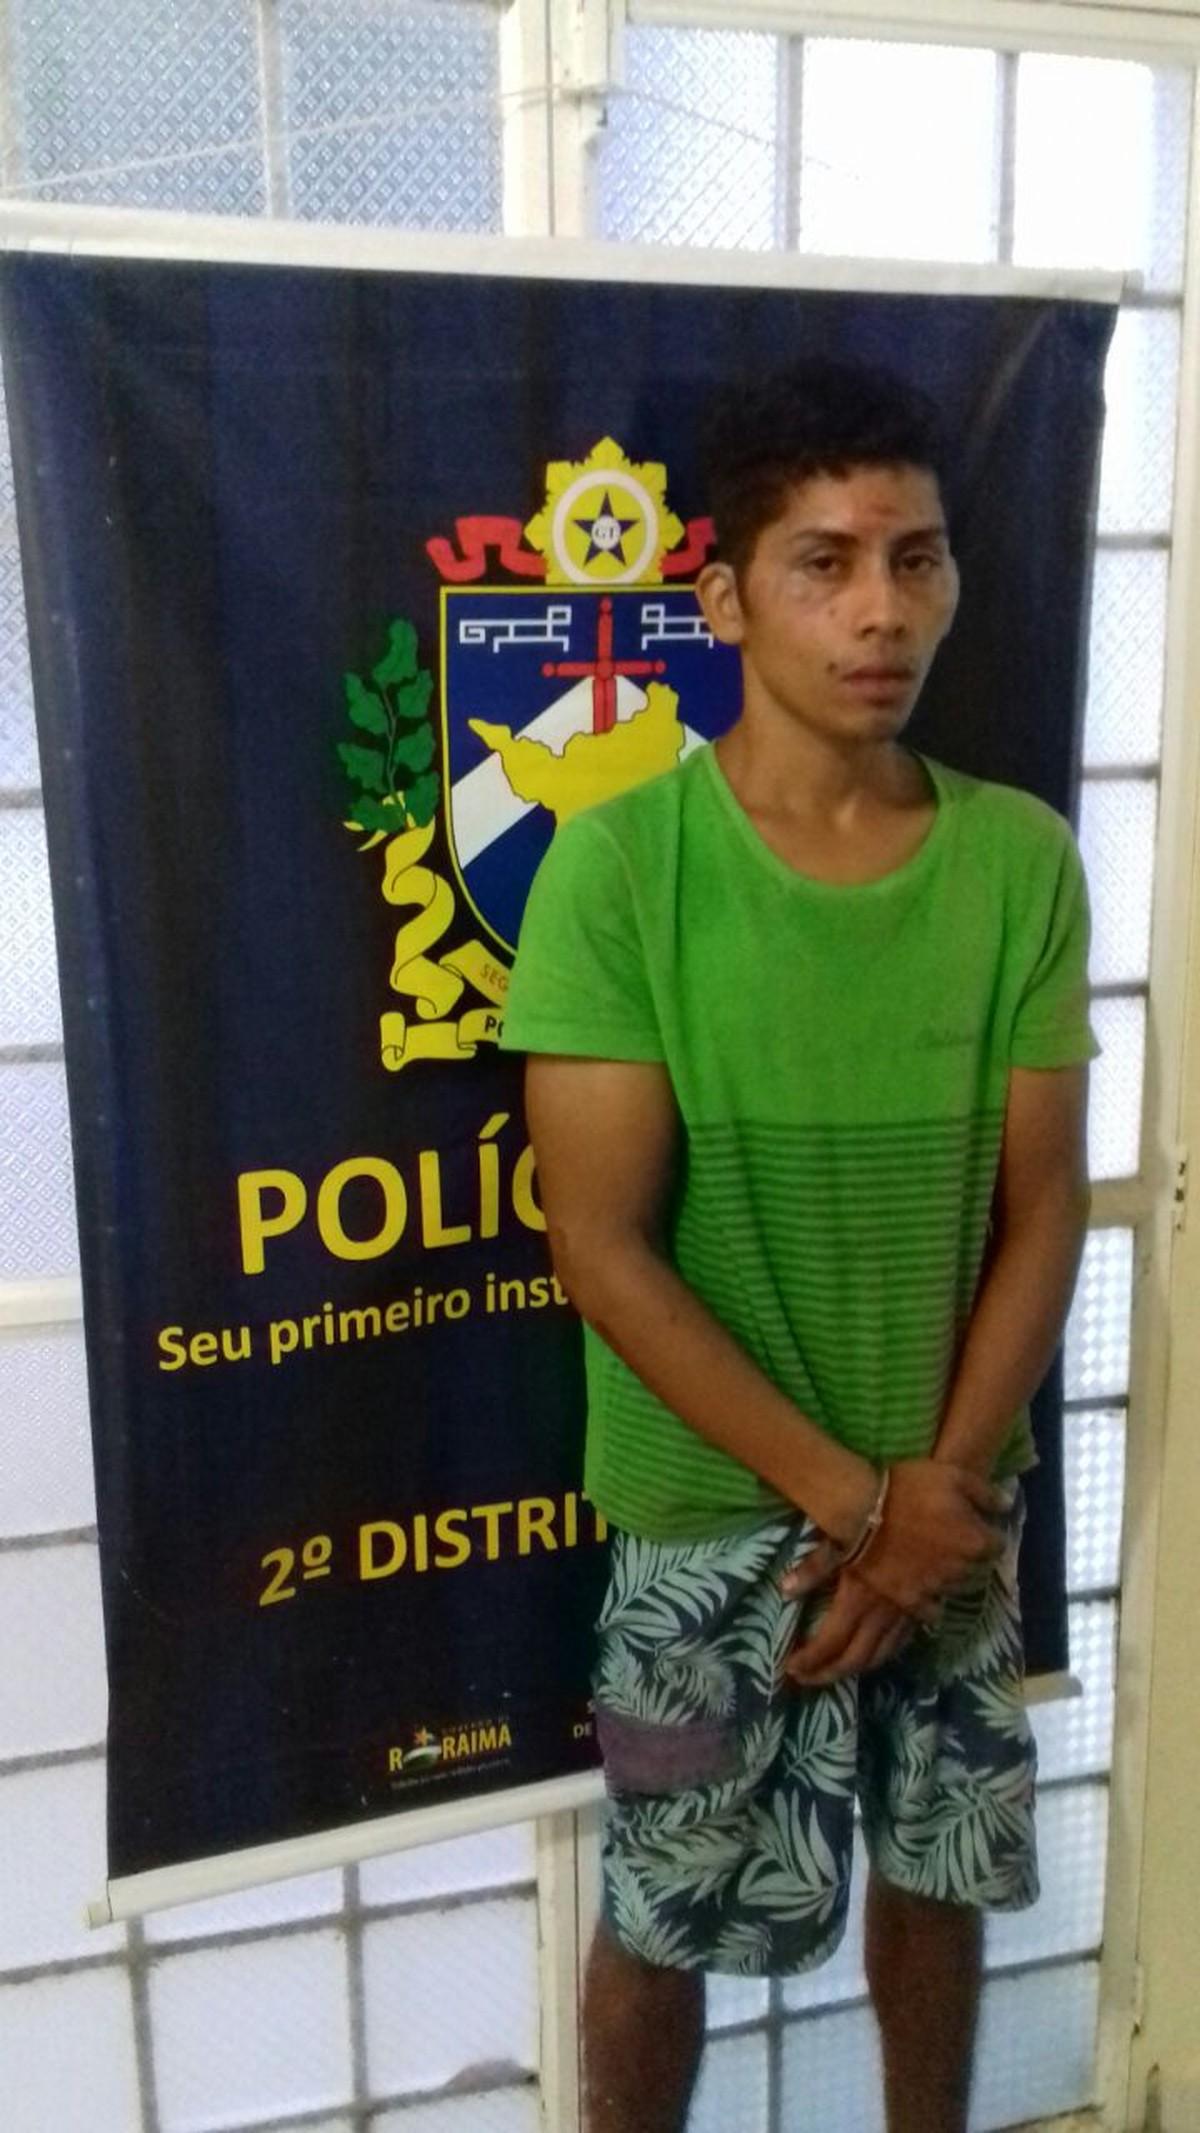 Envolvido em cinco assaltos tenta roubar moto, é detido por moradores e espancado em Boa Vista